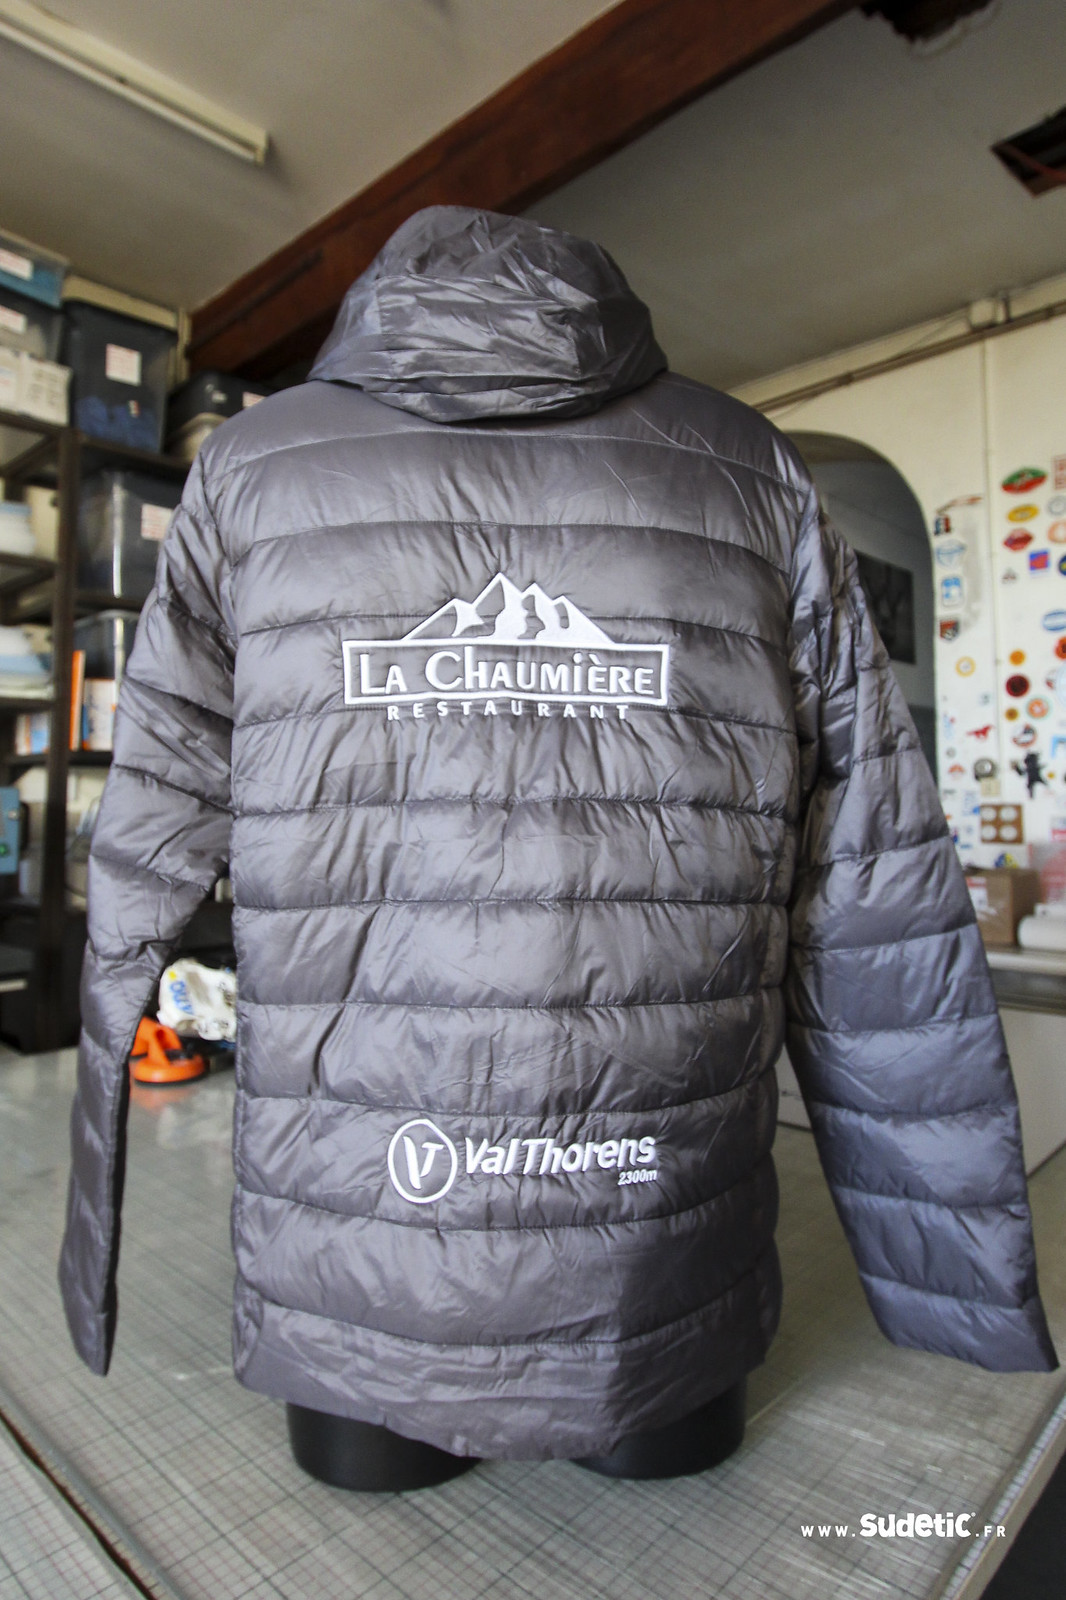 Sudetic textile La Chaumiere Val Thorens